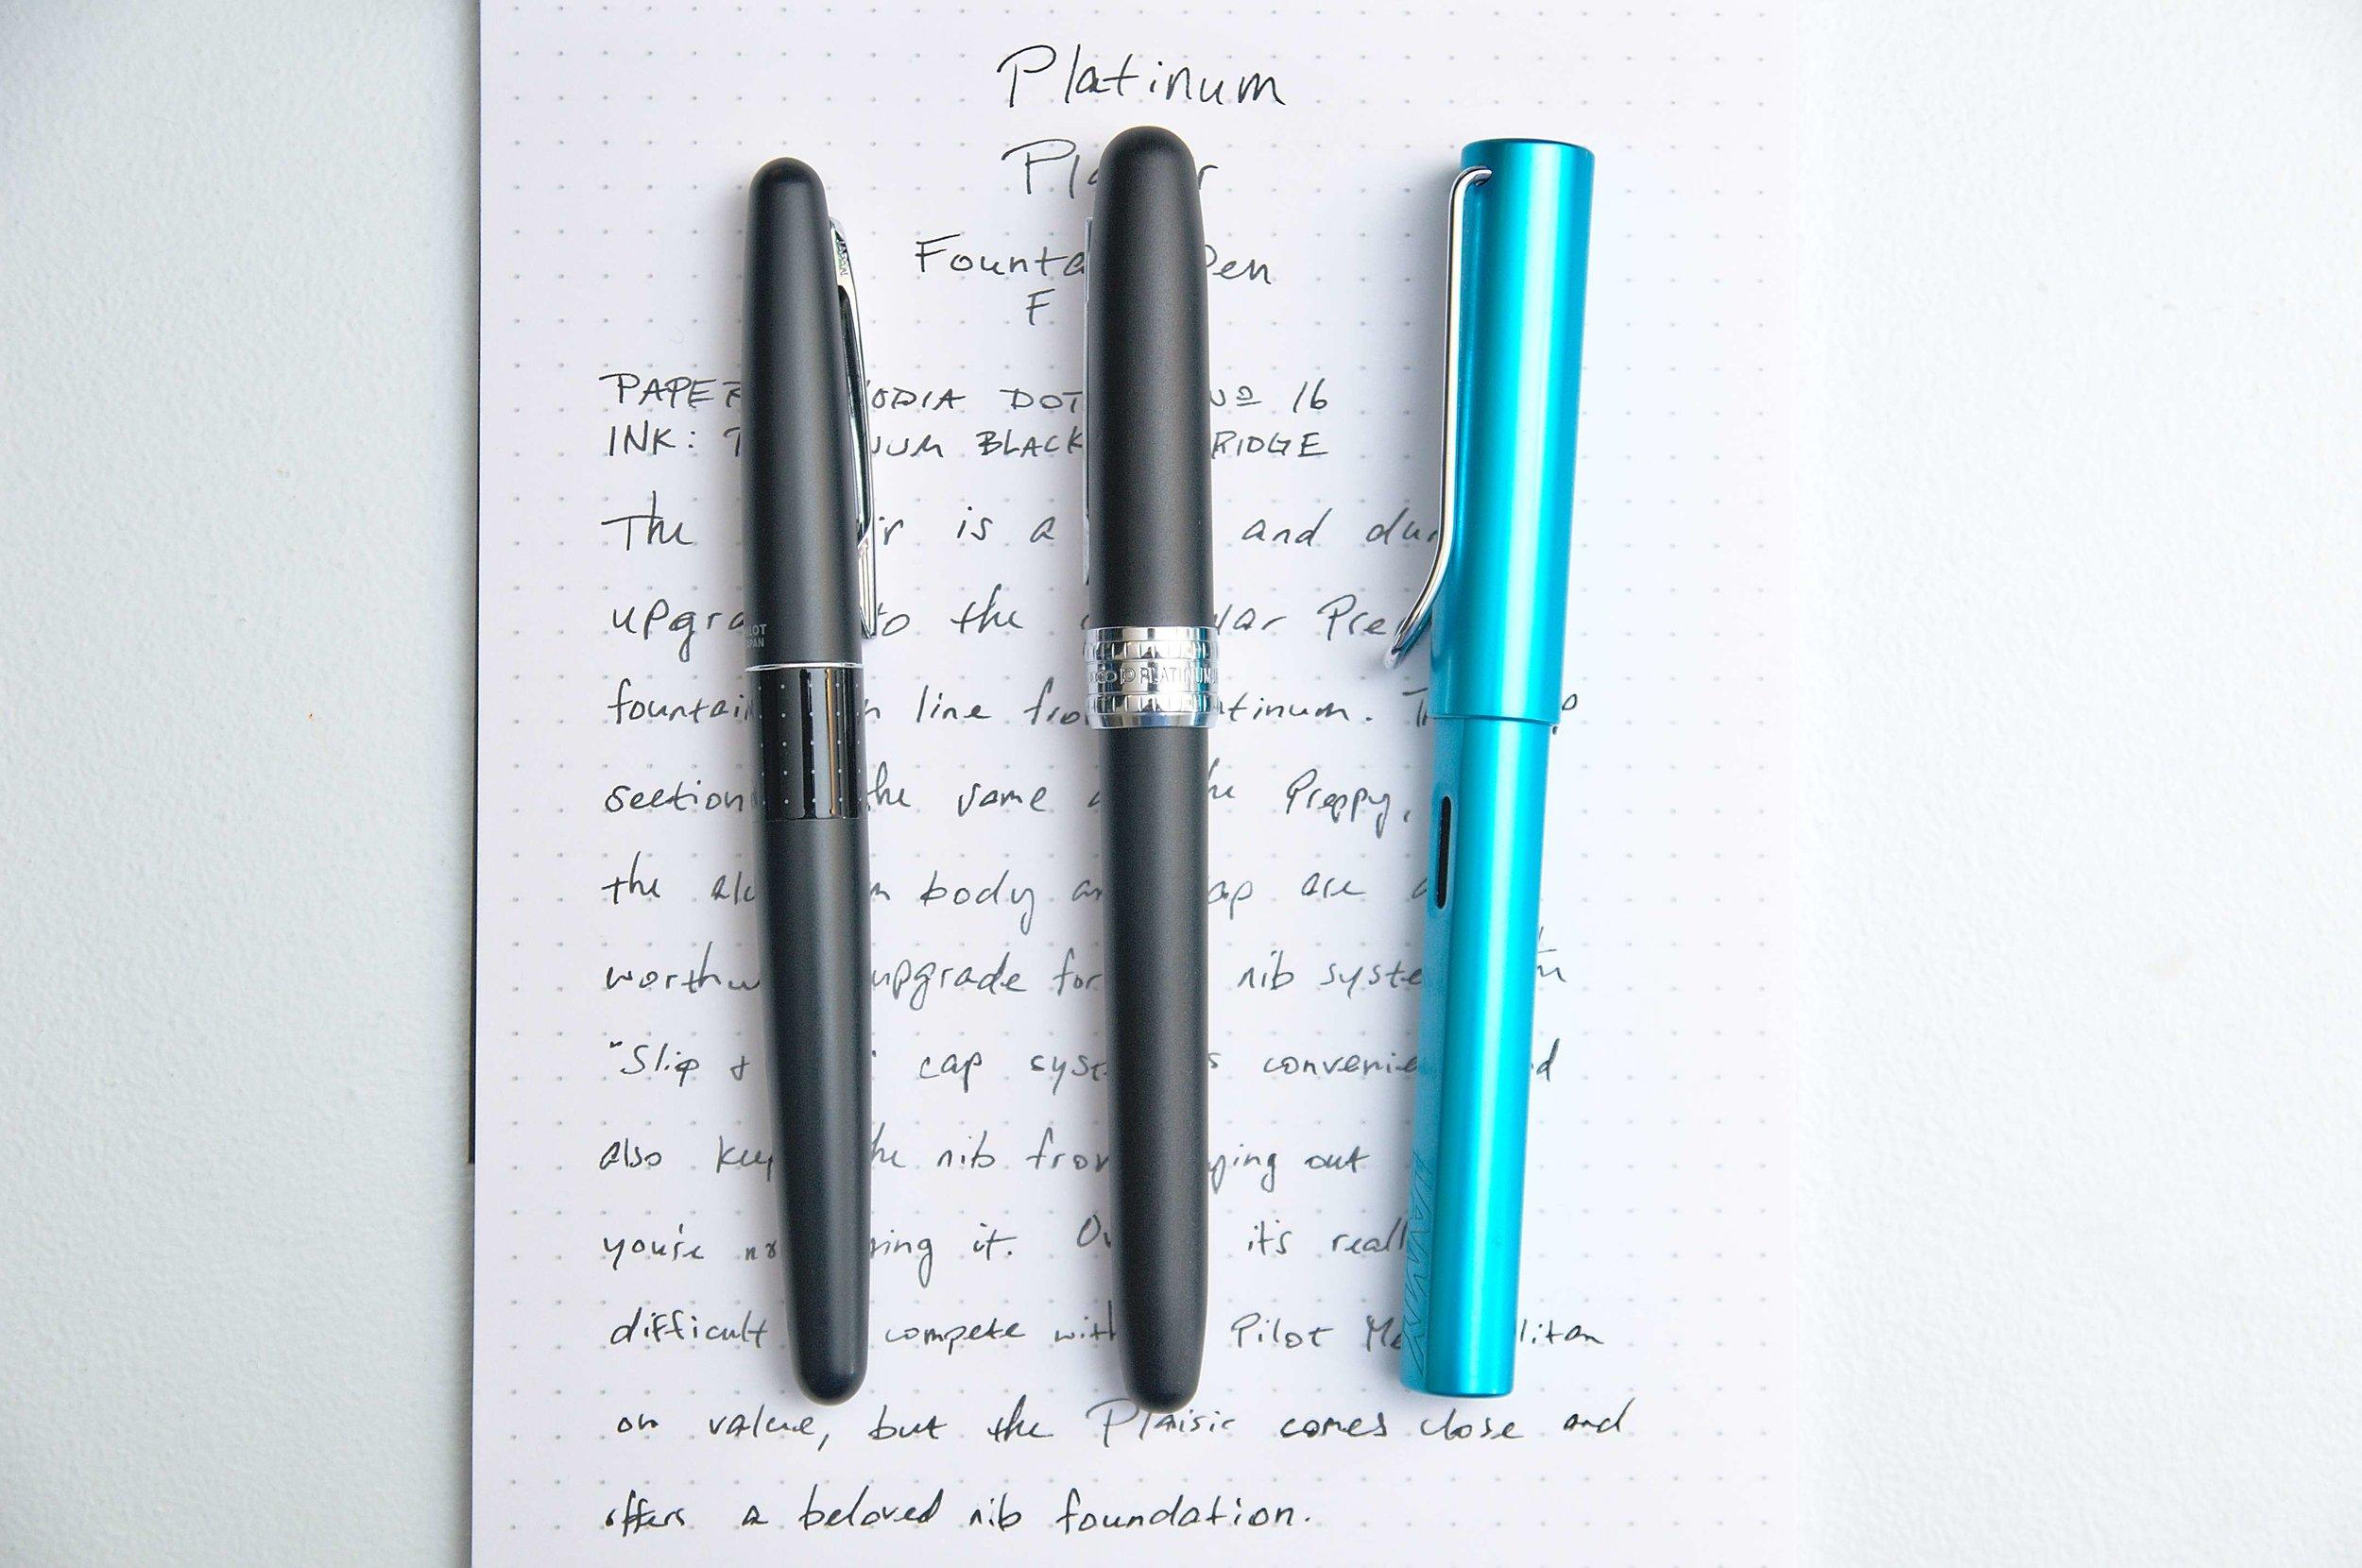 Platinum Plaisir Fountain Pen Comparison